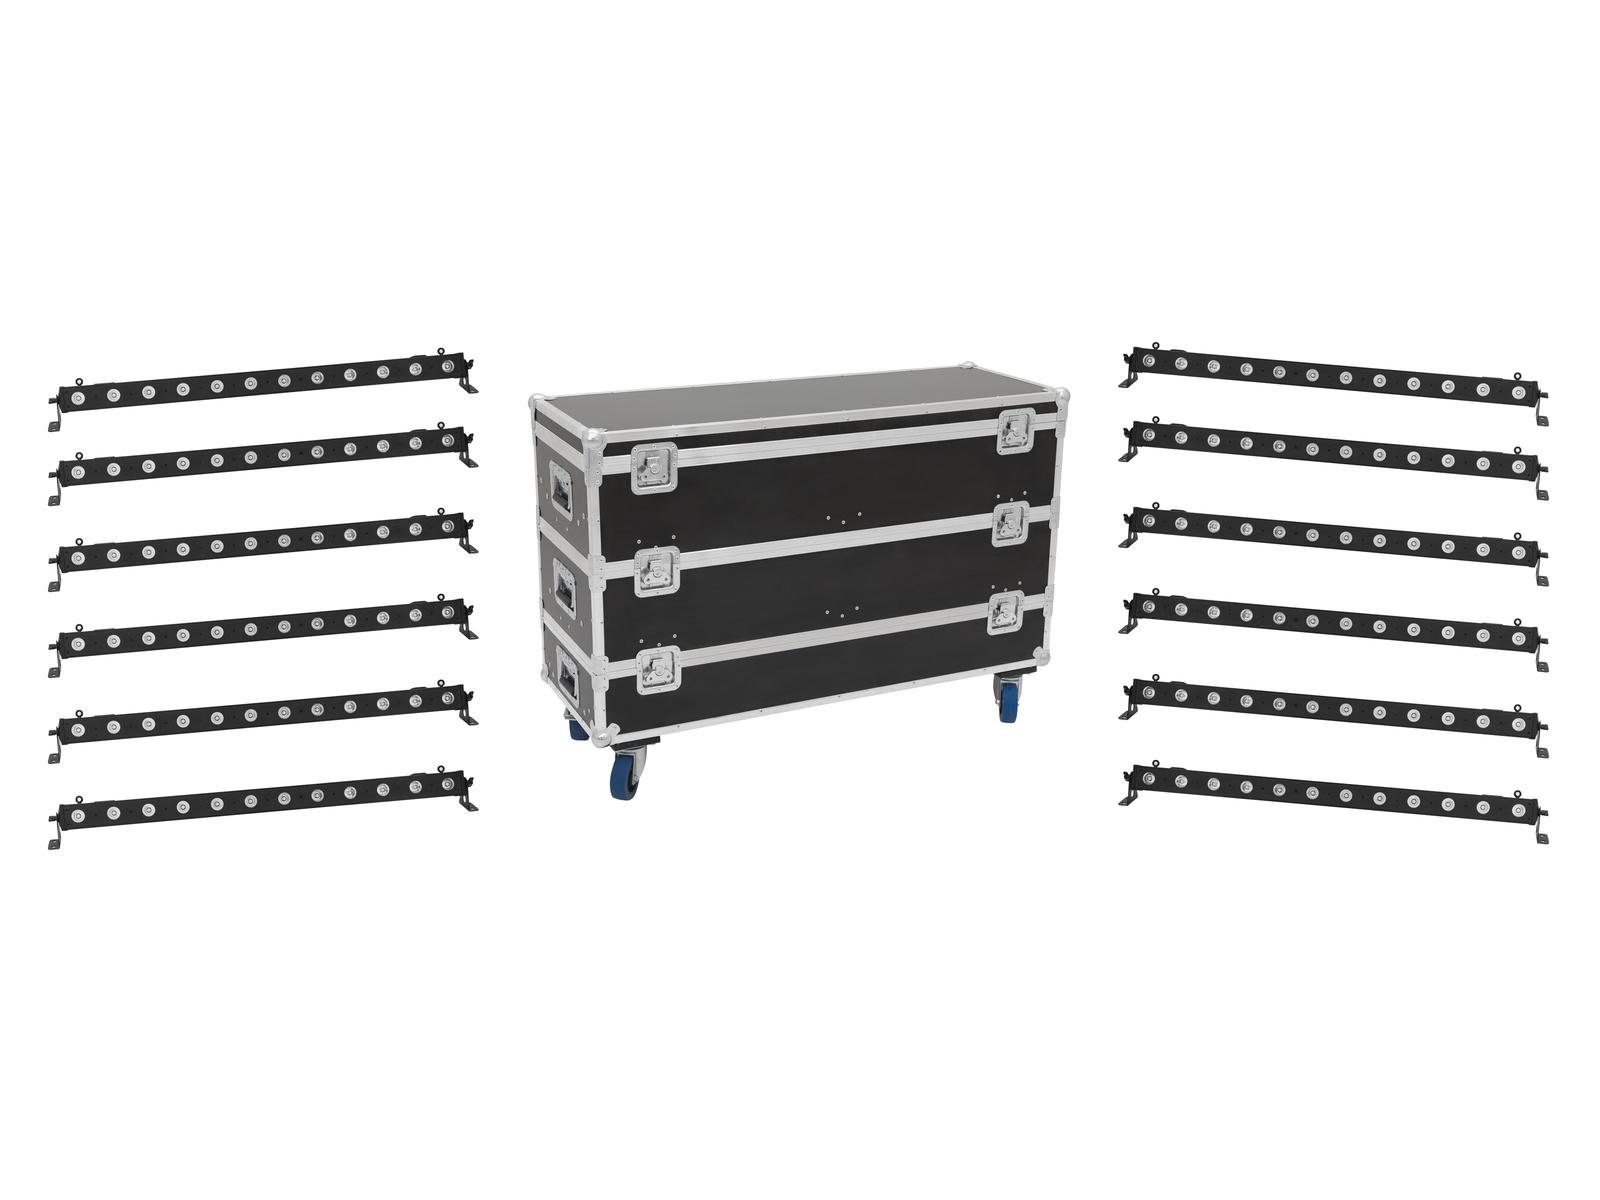 eurolite-set-12x-led-bar-12-qcl-rgba-leiste-case-l